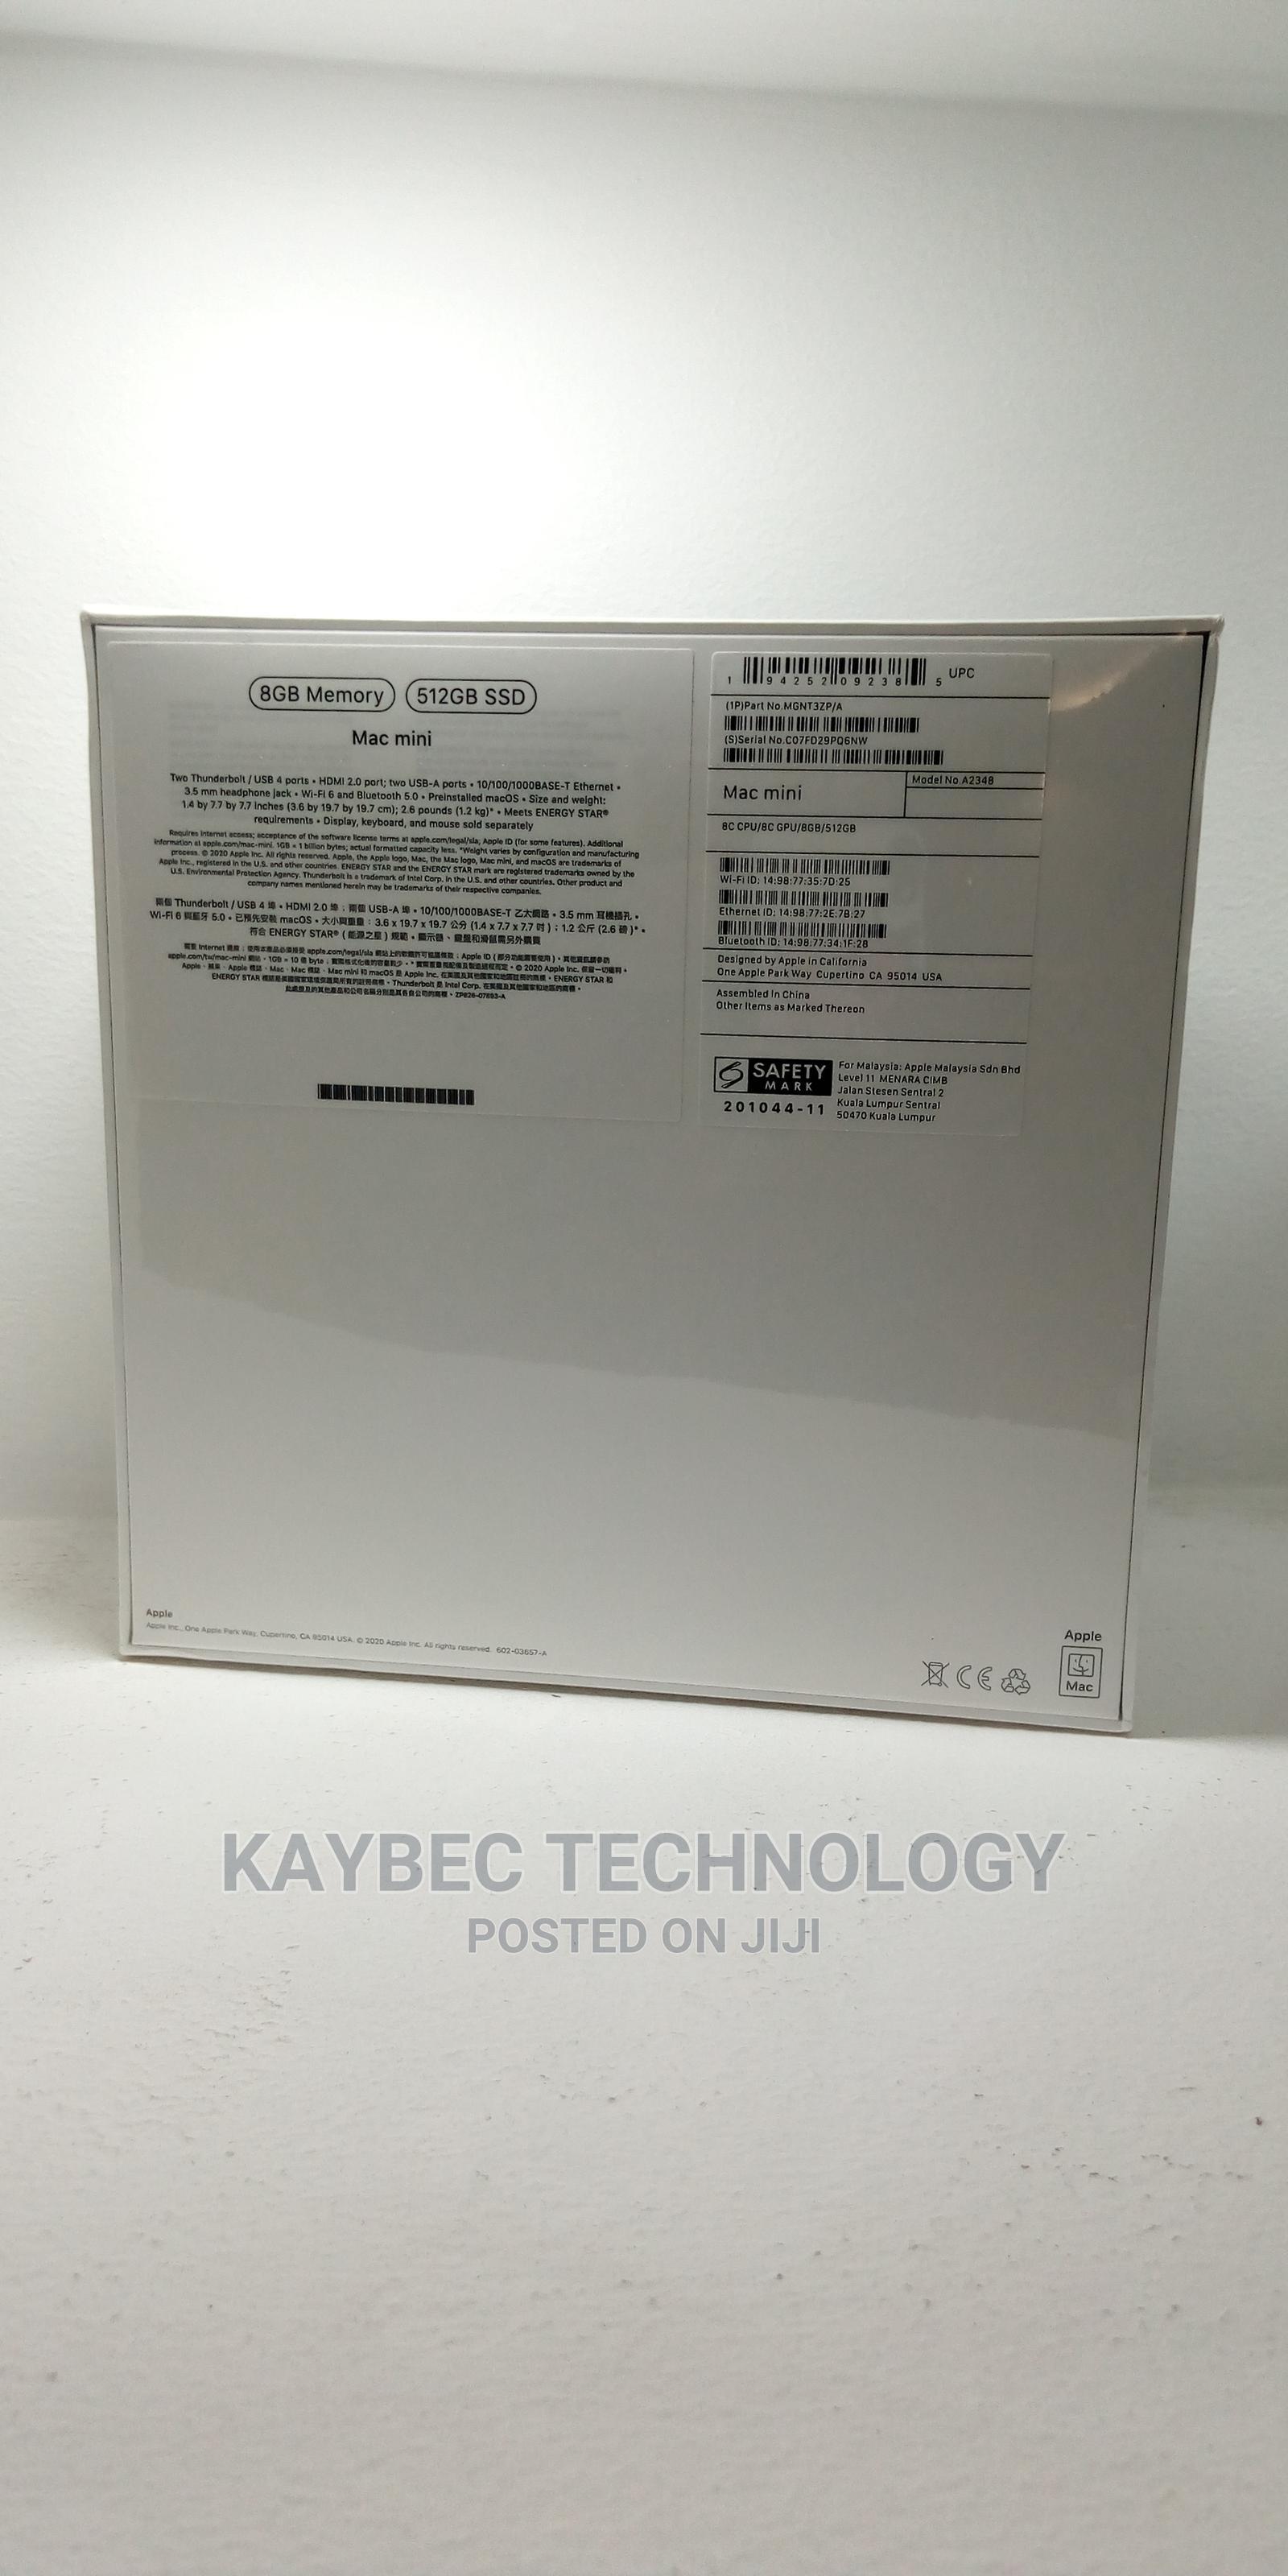 New Desktop Computer Apple Mac Mini 8GB Intel Core M SSD 512GB | Laptops & Computers for sale in Ikeja, Lagos State, Nigeria